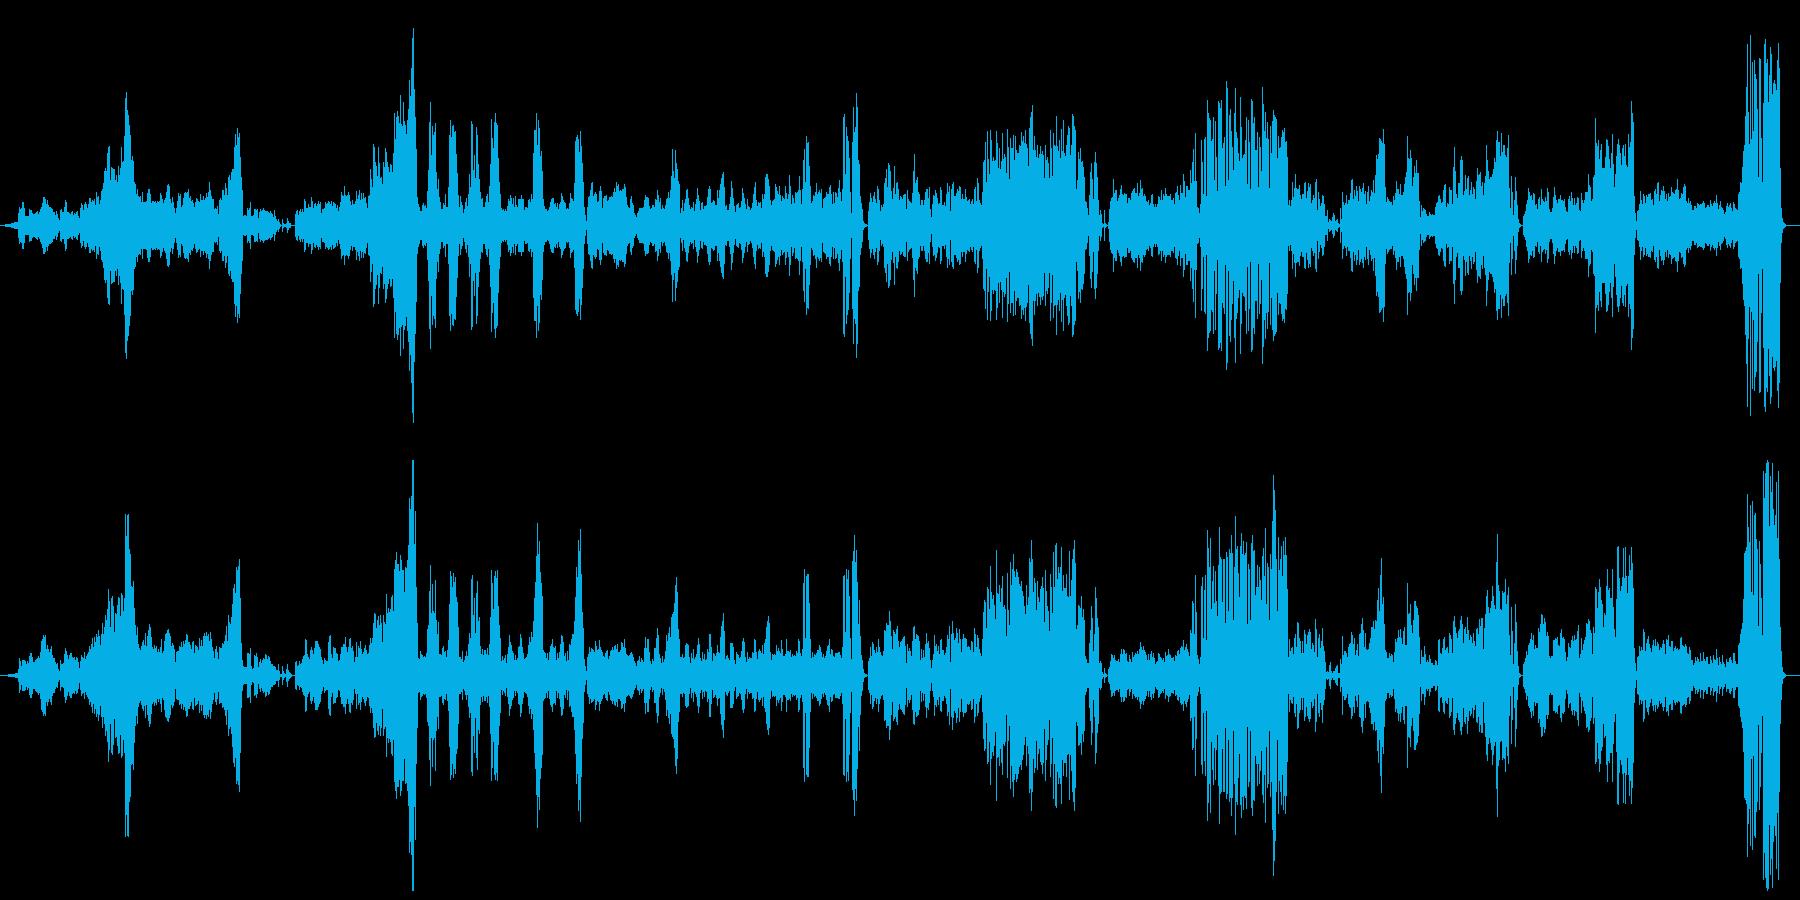 『美しく青きドナウ』 オーケストラの再生済みの波形